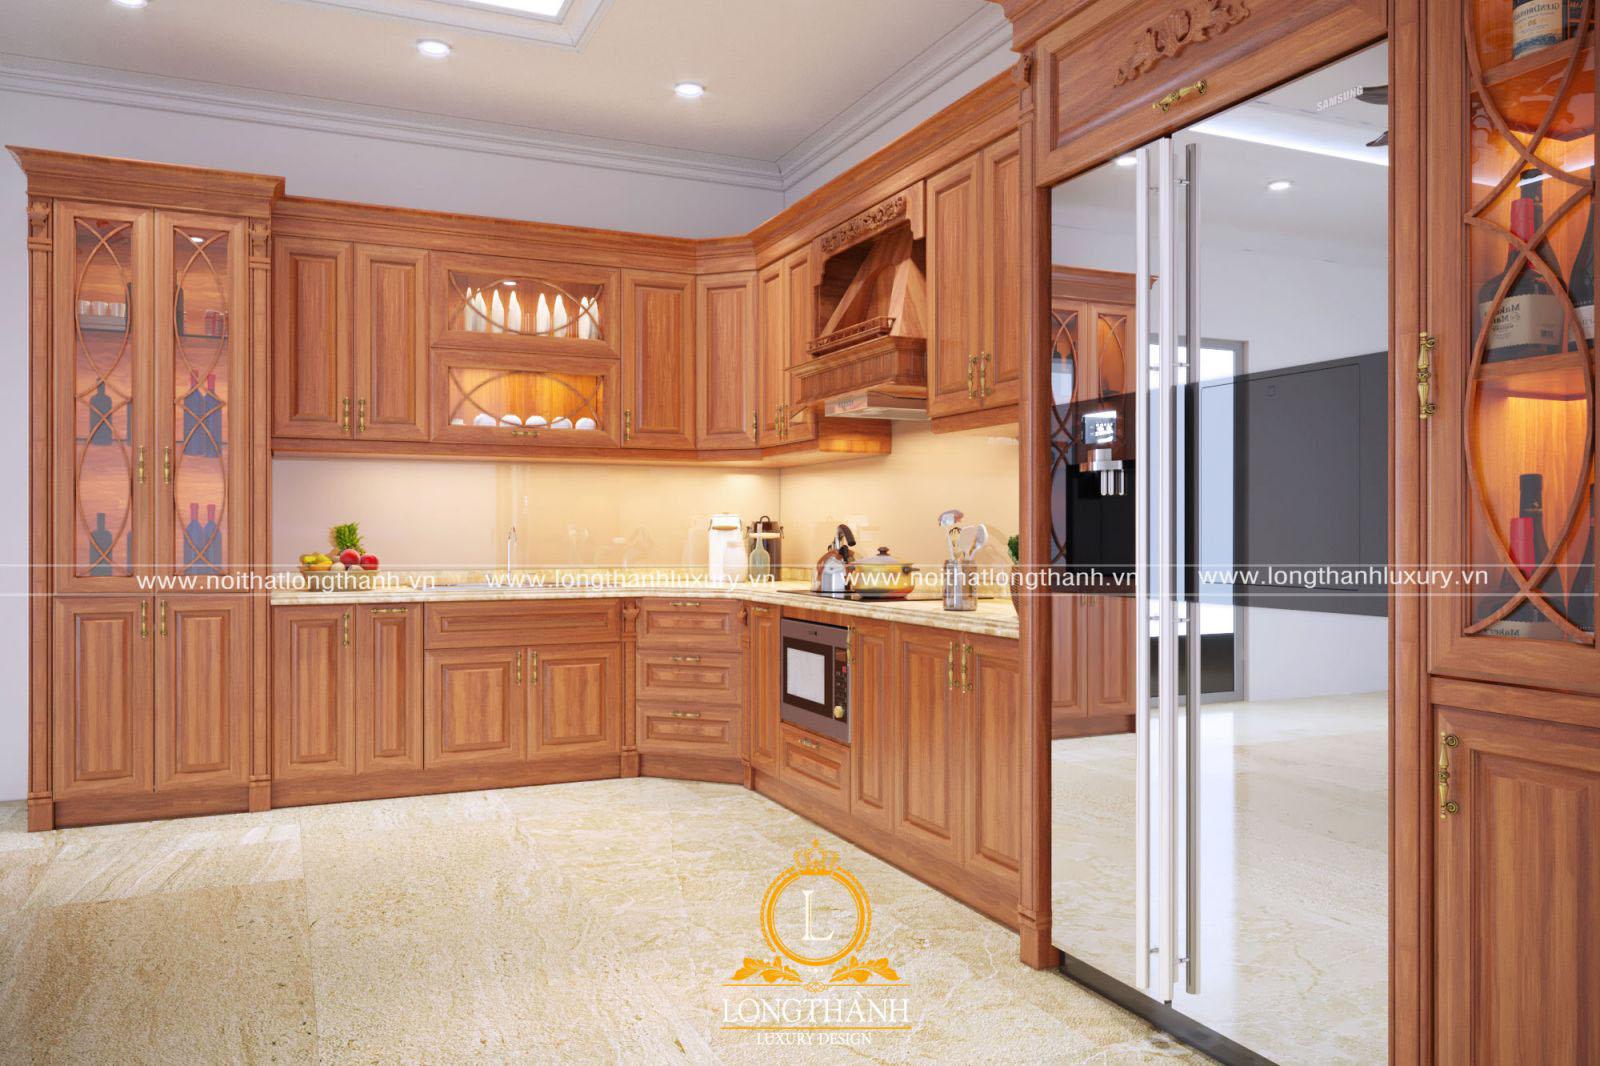 Tủ bếp gỗ Sồi Mỹ đẹp LT39 góc nhìn thứ 2